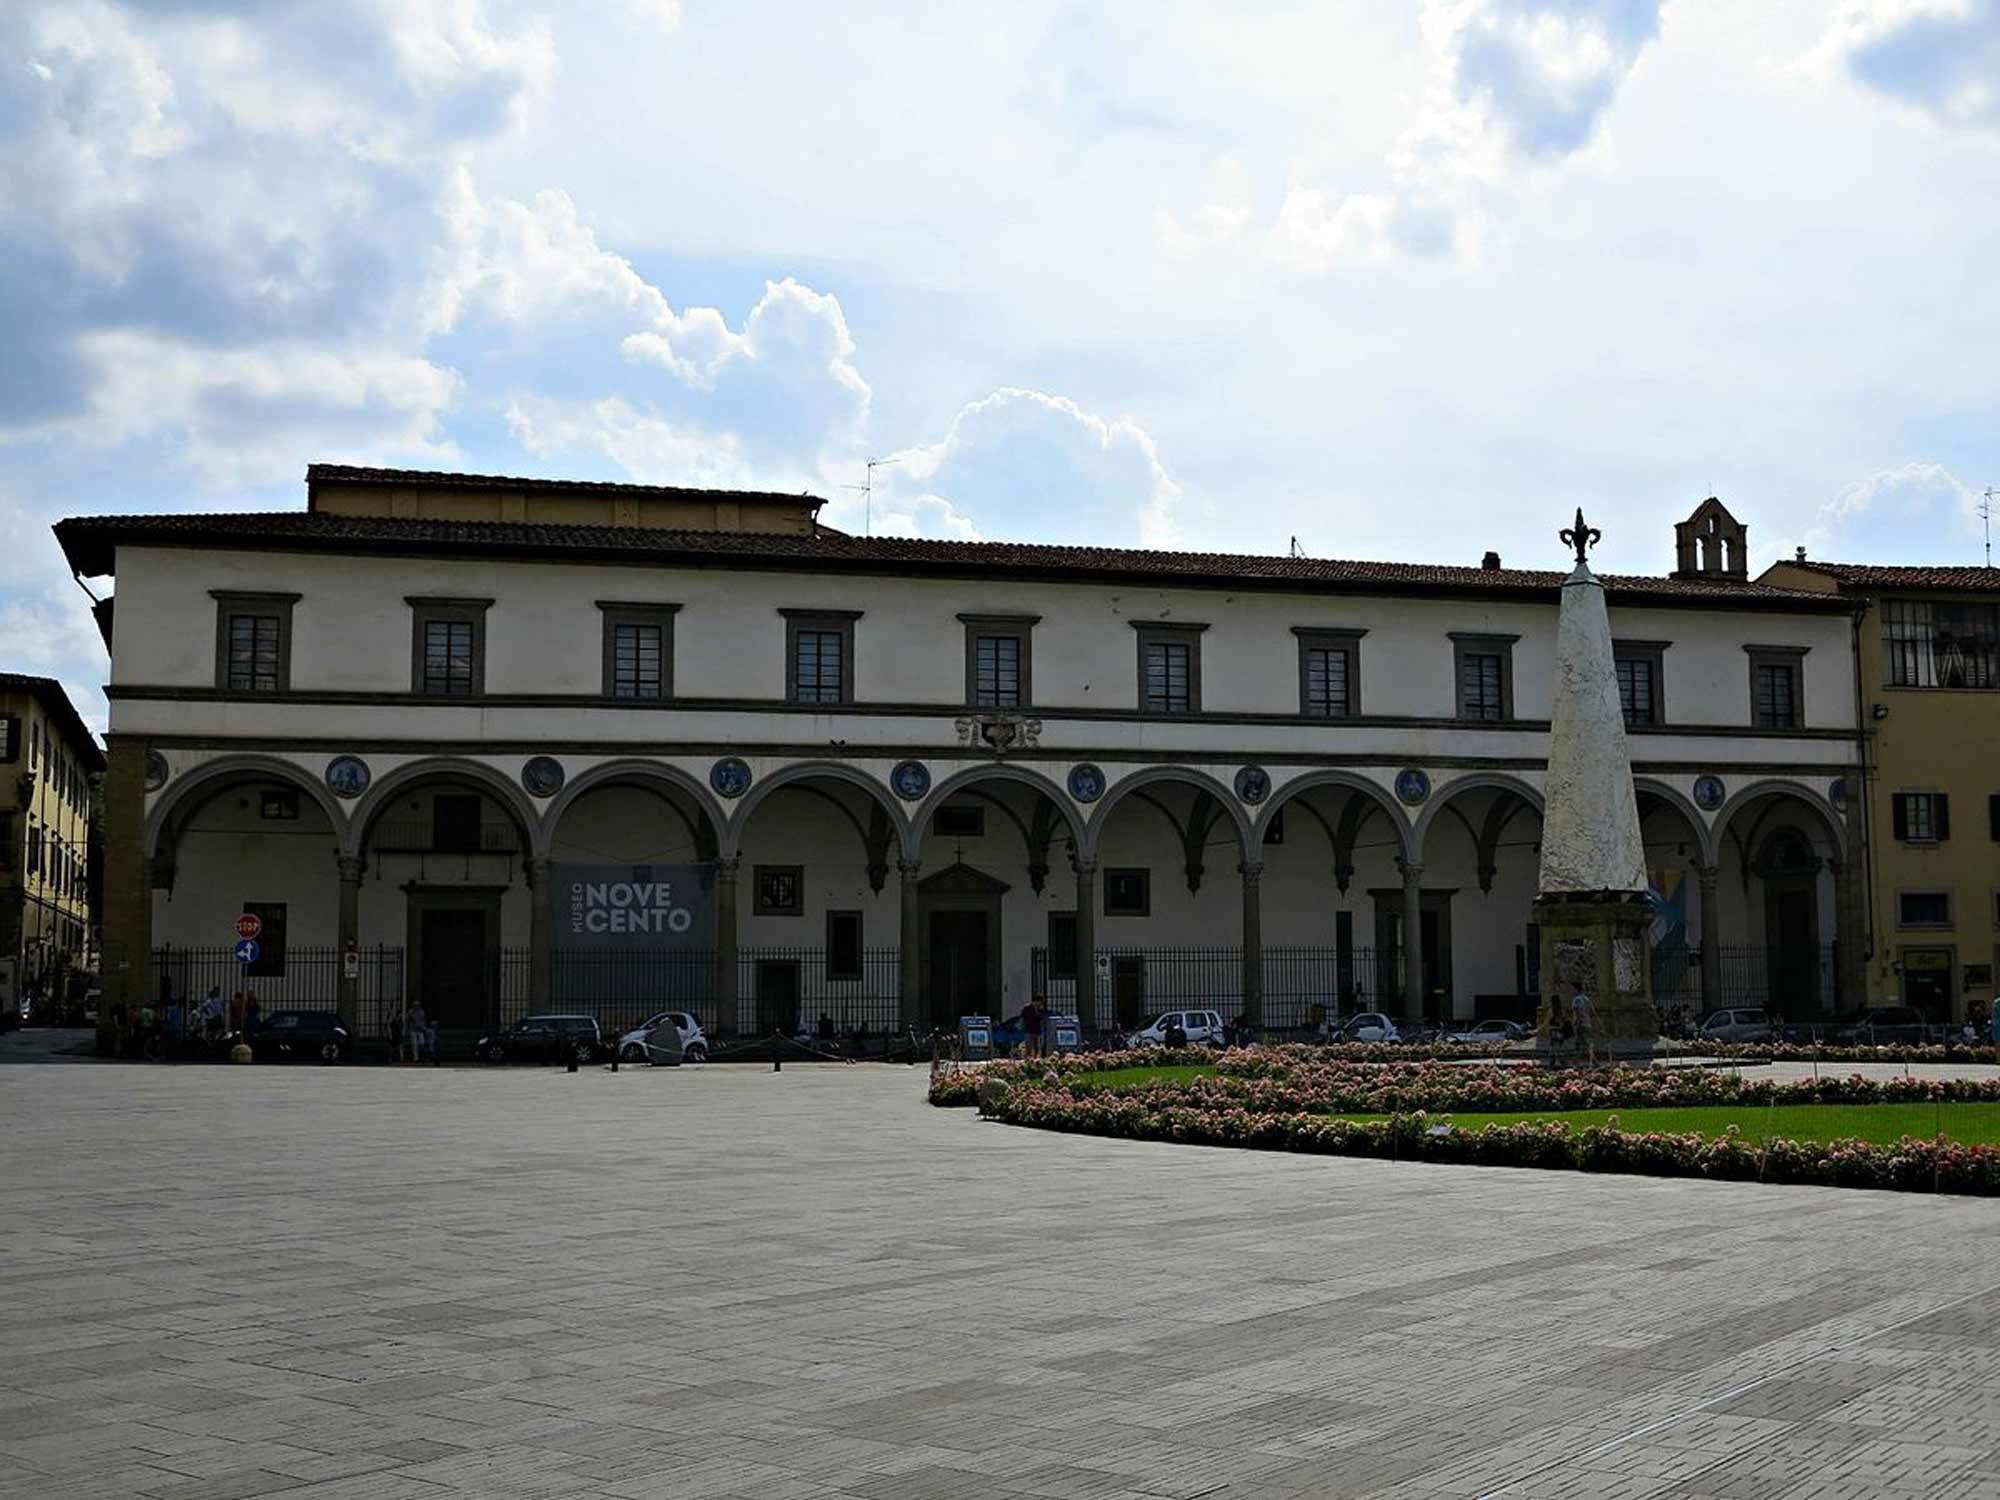 Museo-alinari_003